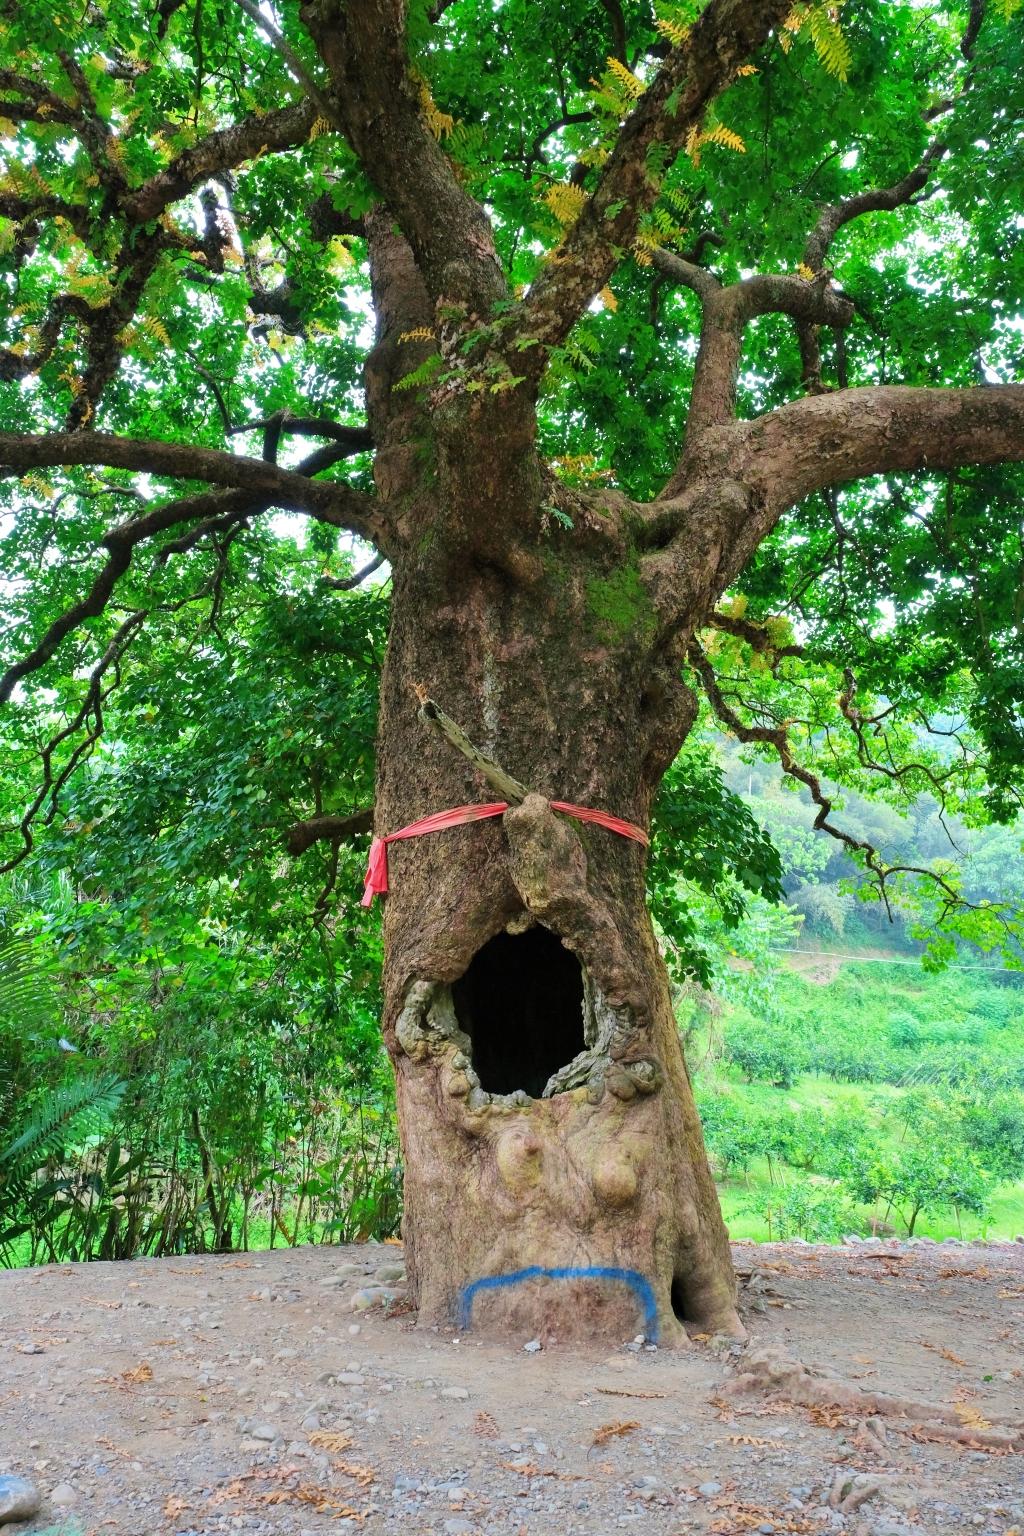 看見台灣!南投國姓百年茄苳神木,隱藏在樹洞裡的台灣地形 @飛天璇的口袋